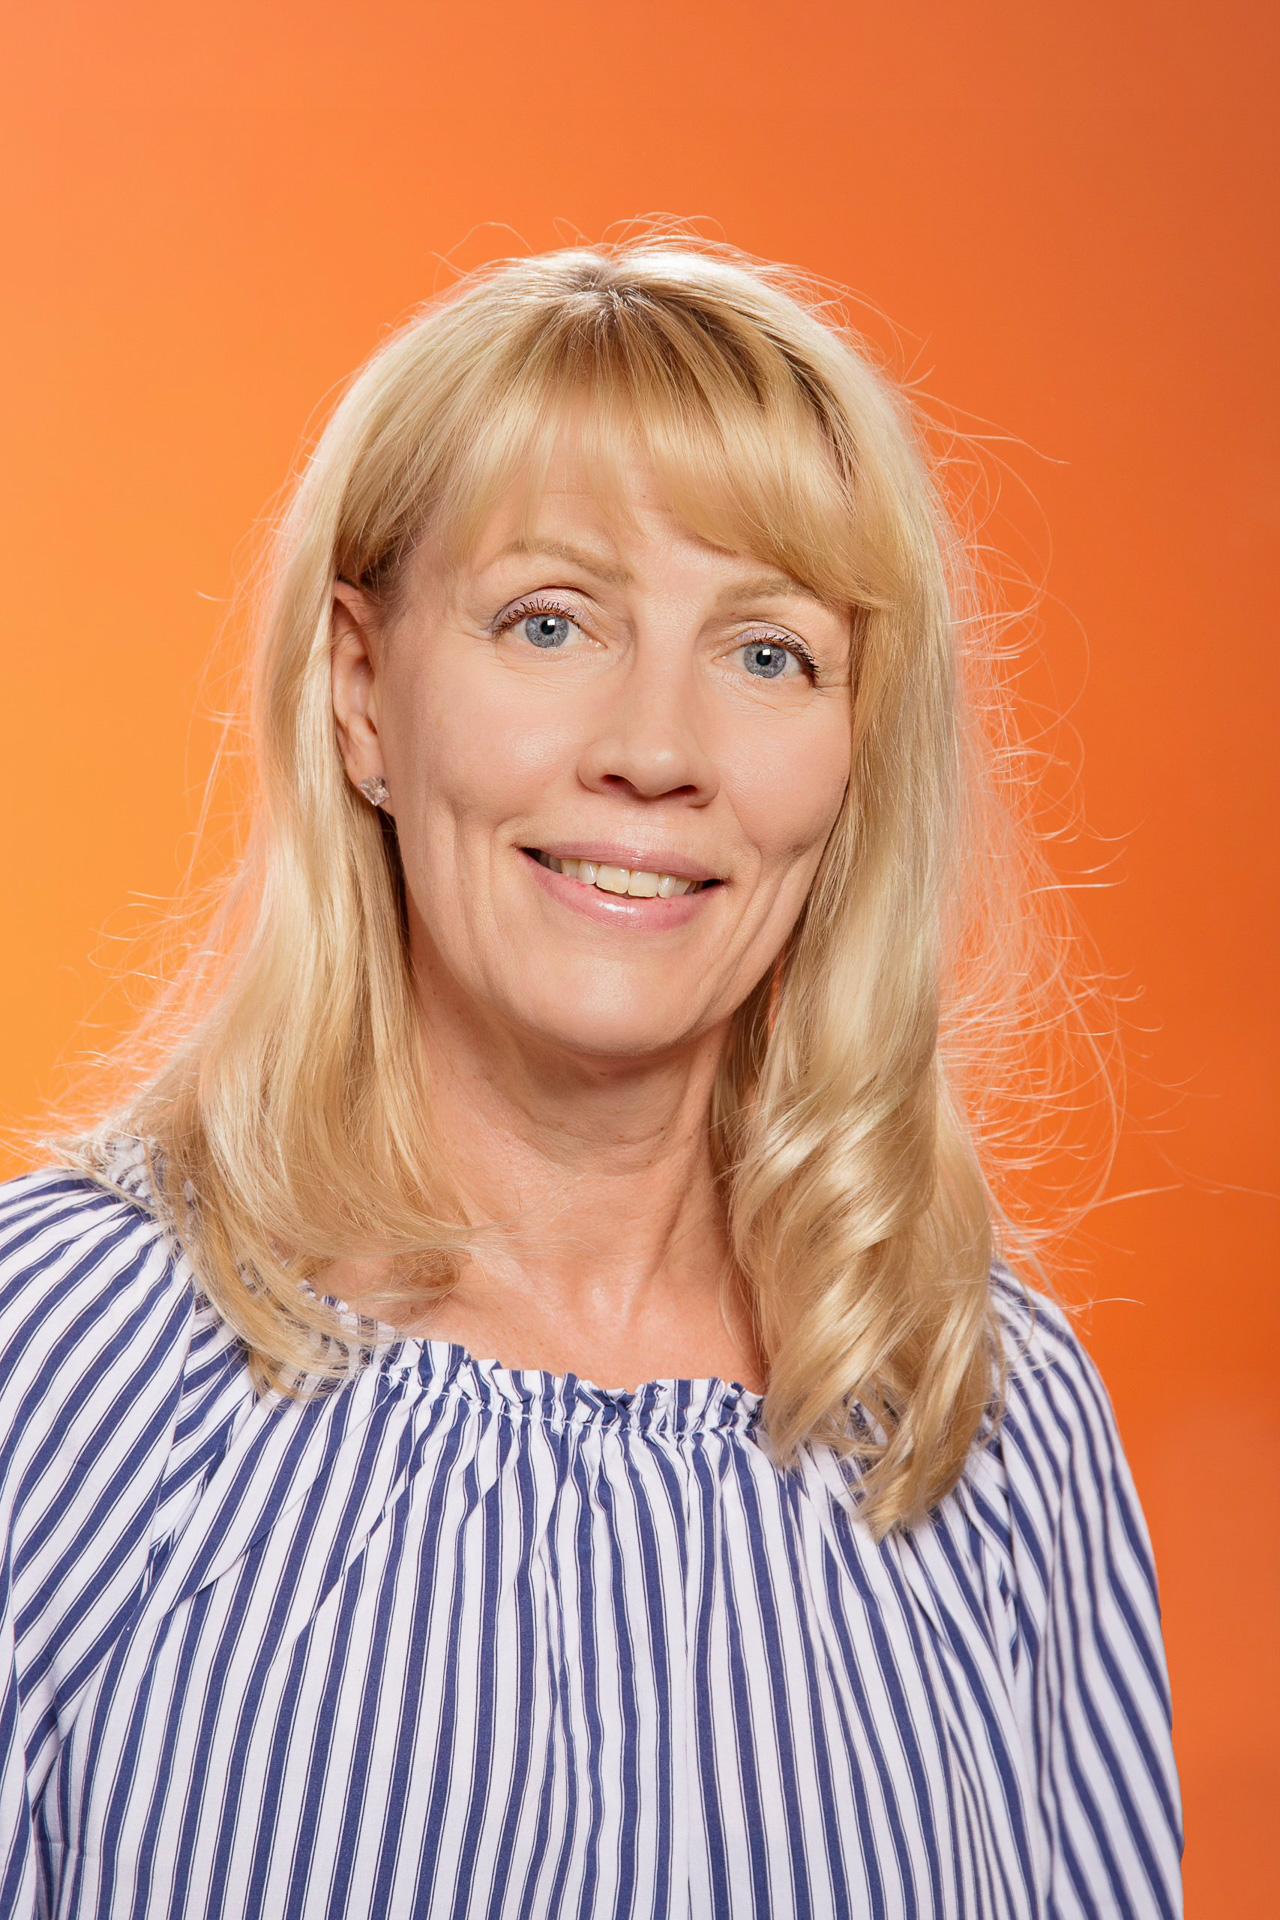 Jaana Kukko